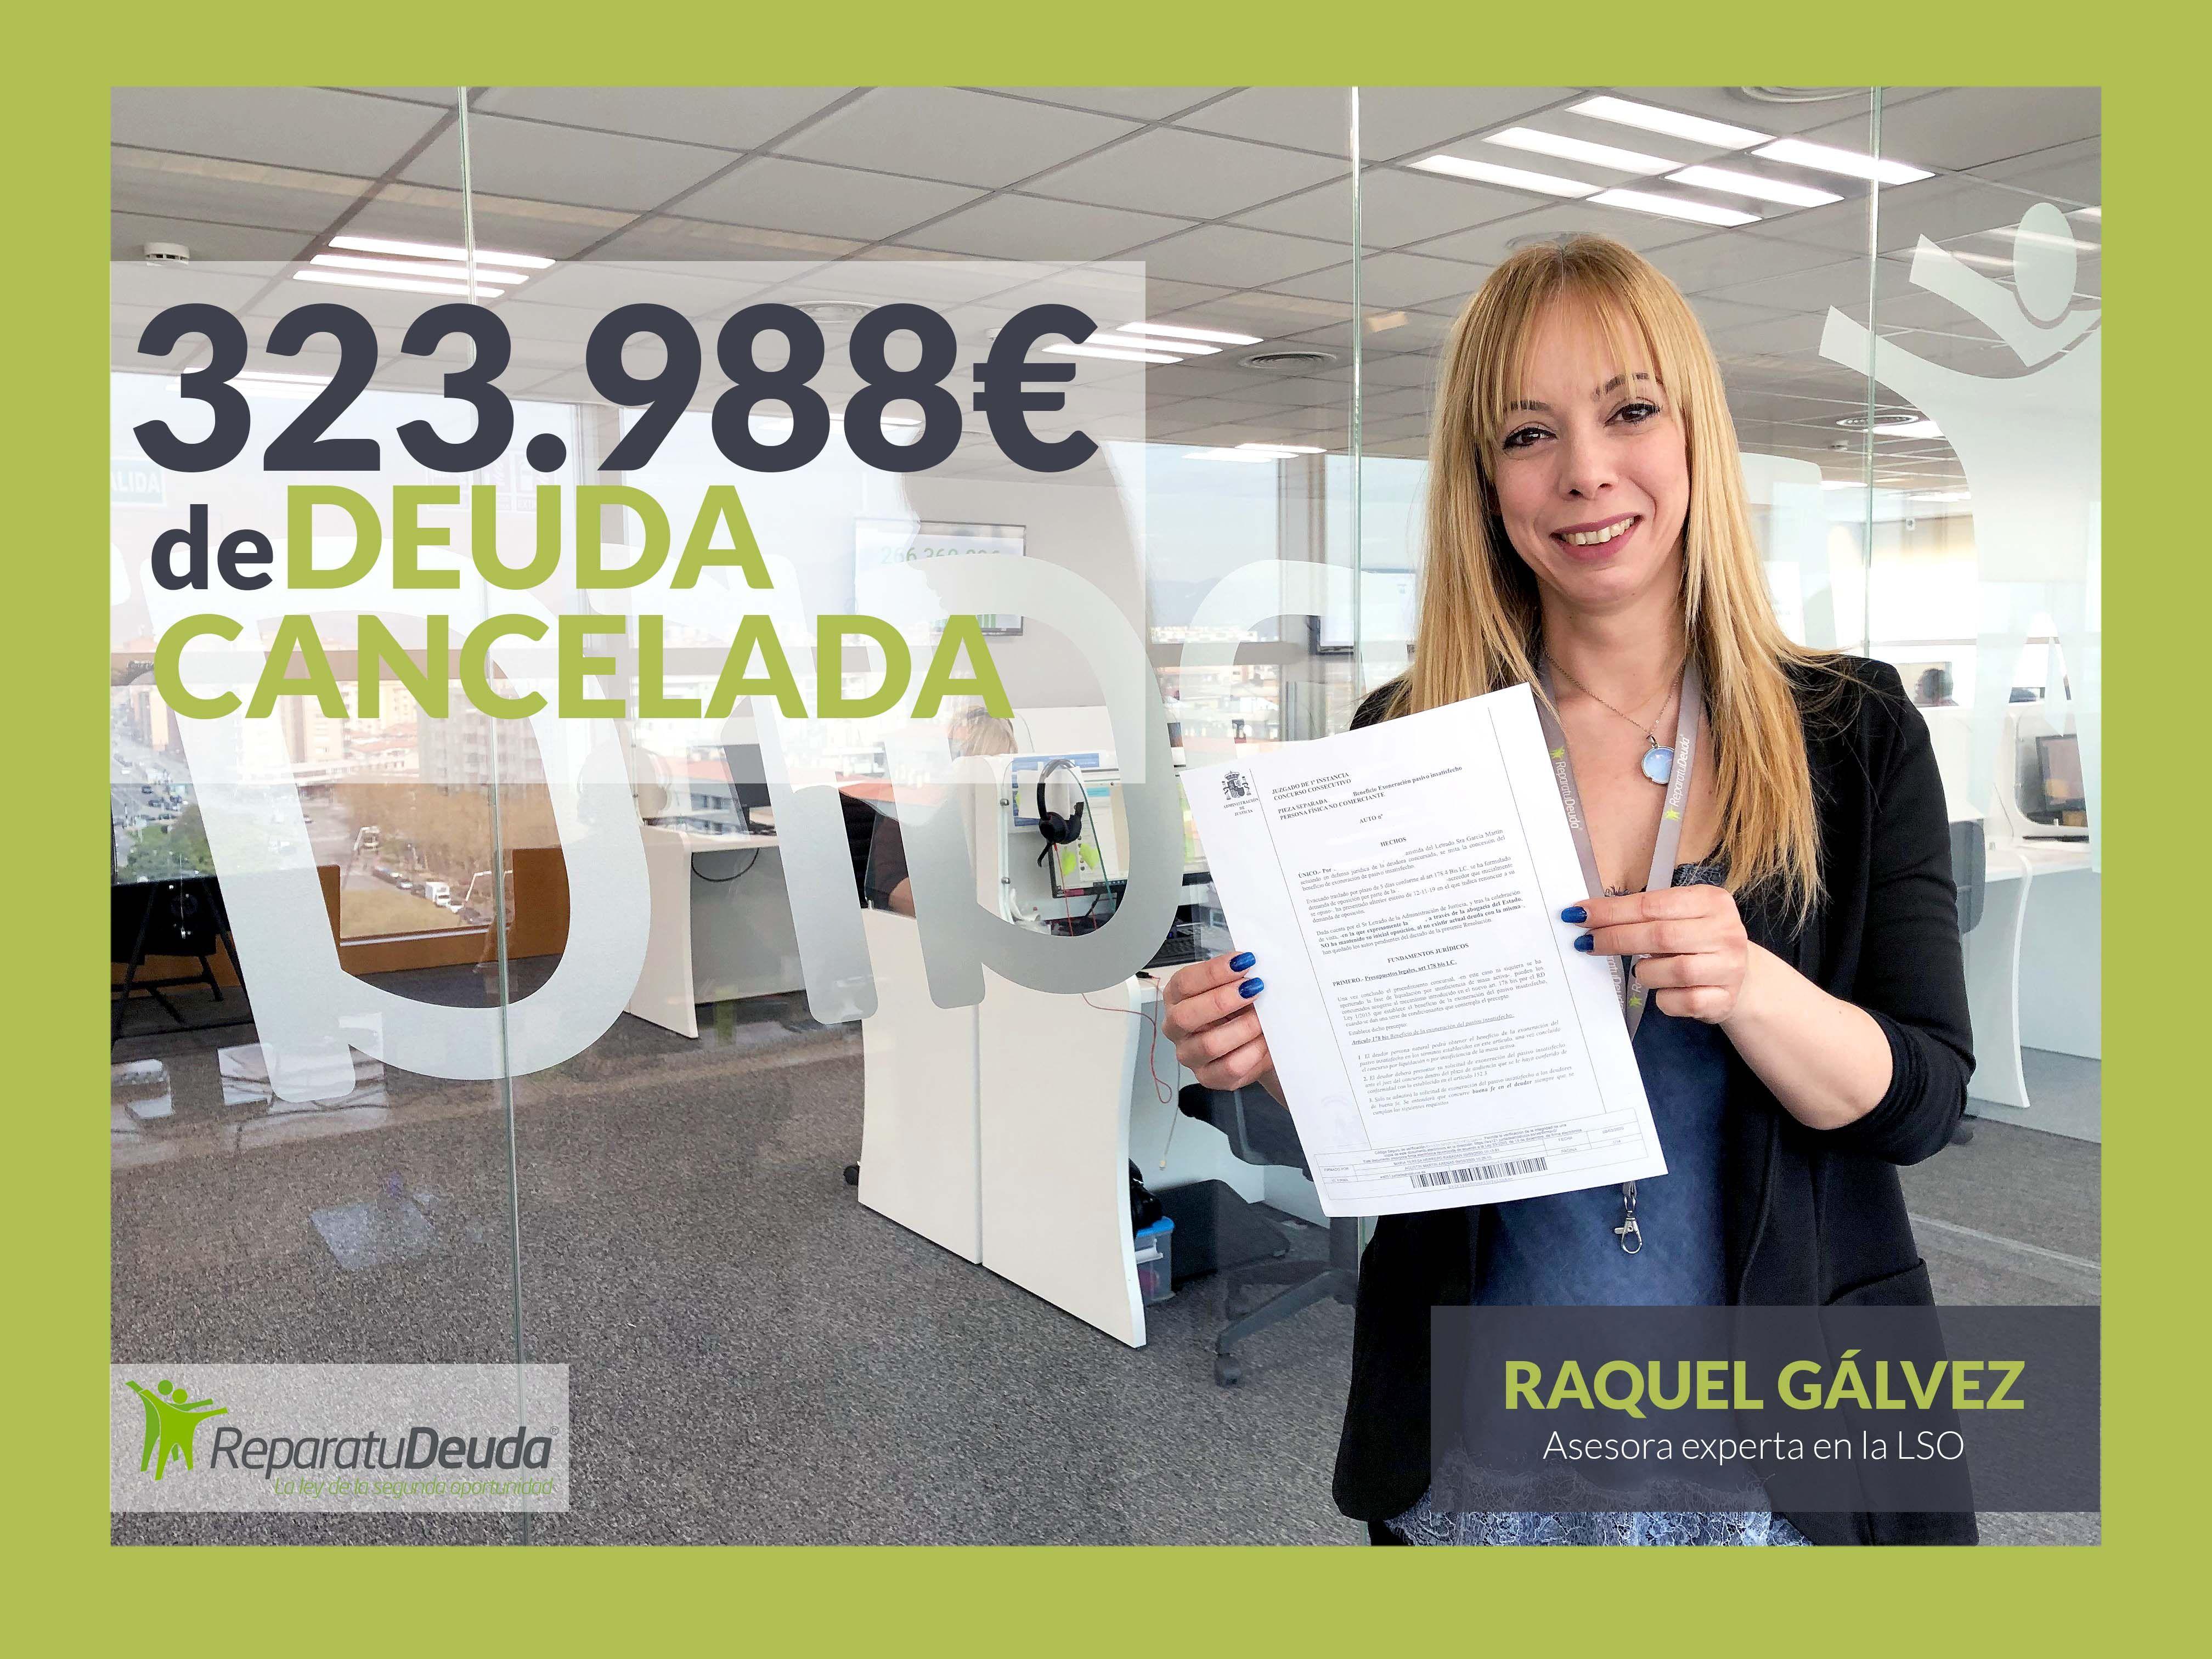 Foto de Raquel Galvez, asesora de la ley de la segunda oportunidad en